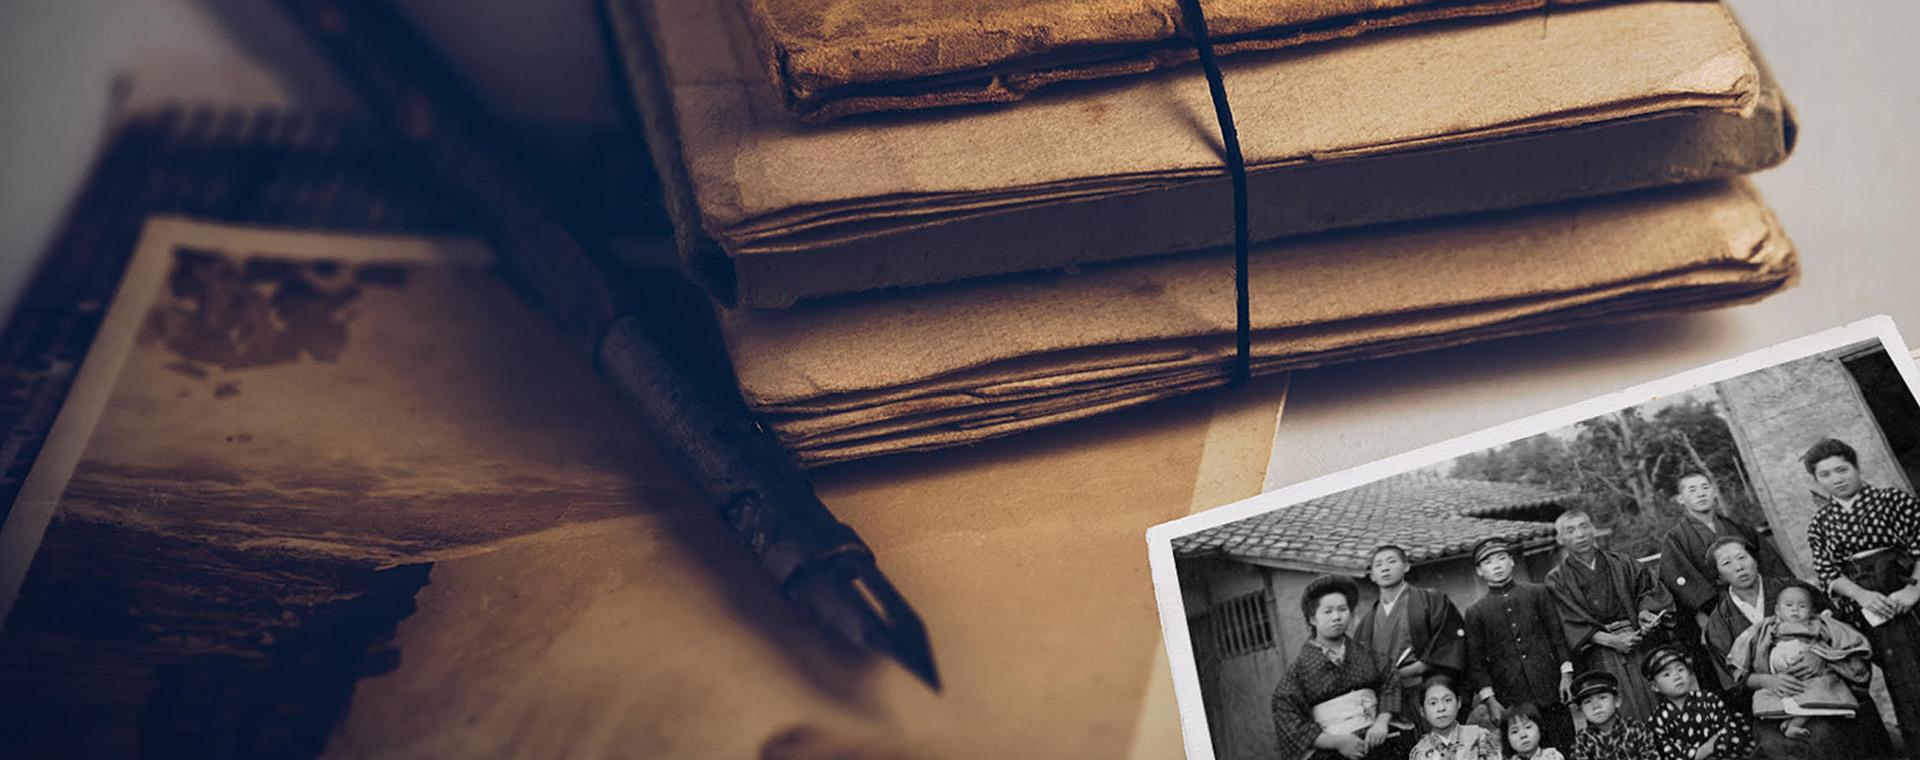 Un paquet de documents aux tons sépia sur un bureau avec un album aux tons sépia et une photo en noir et blanc de personnes